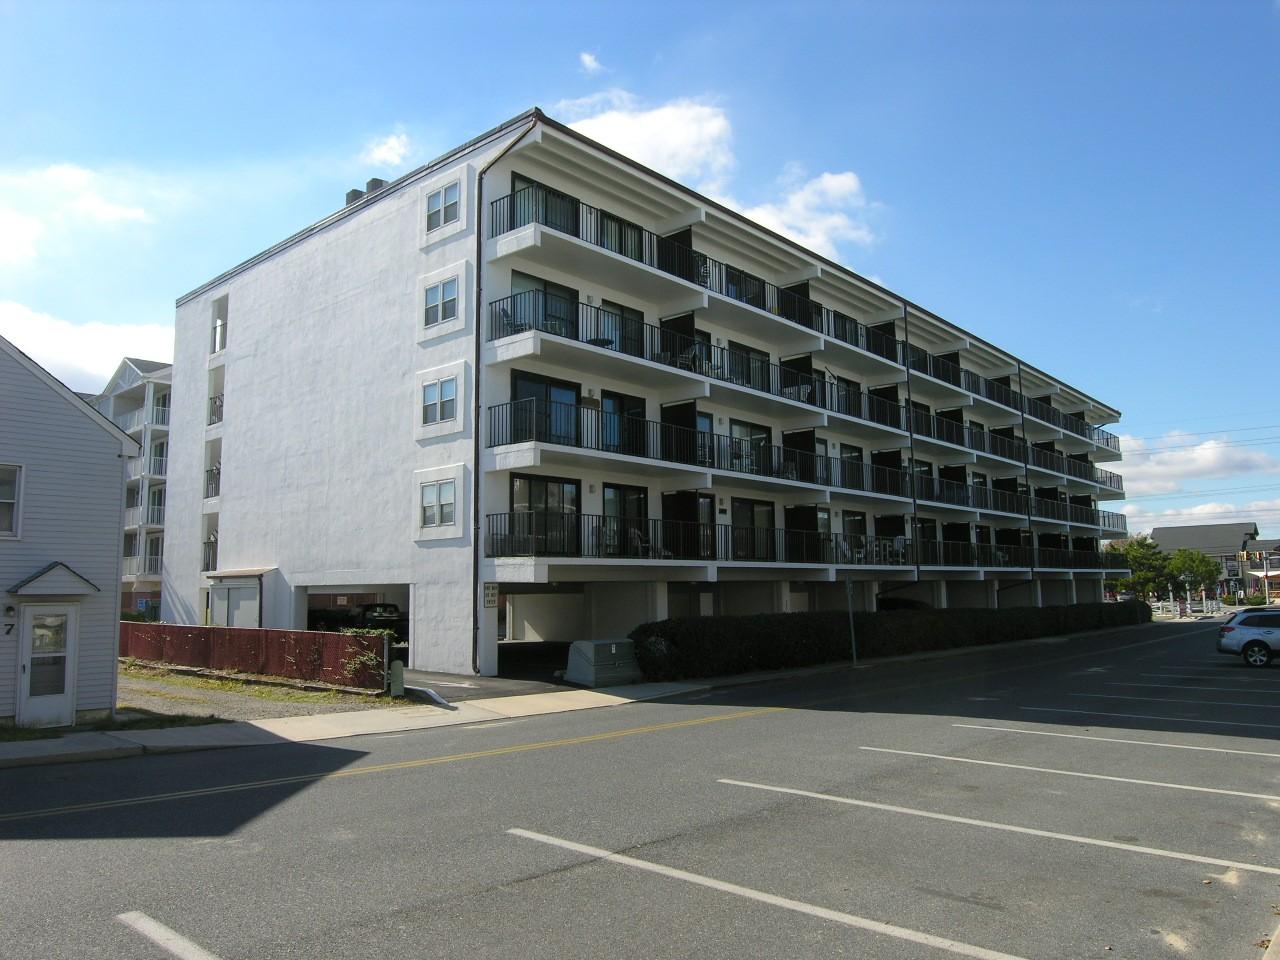 Sunchaser 406 S Ocean City Rentals Vacation Rentals In Ocean City Md